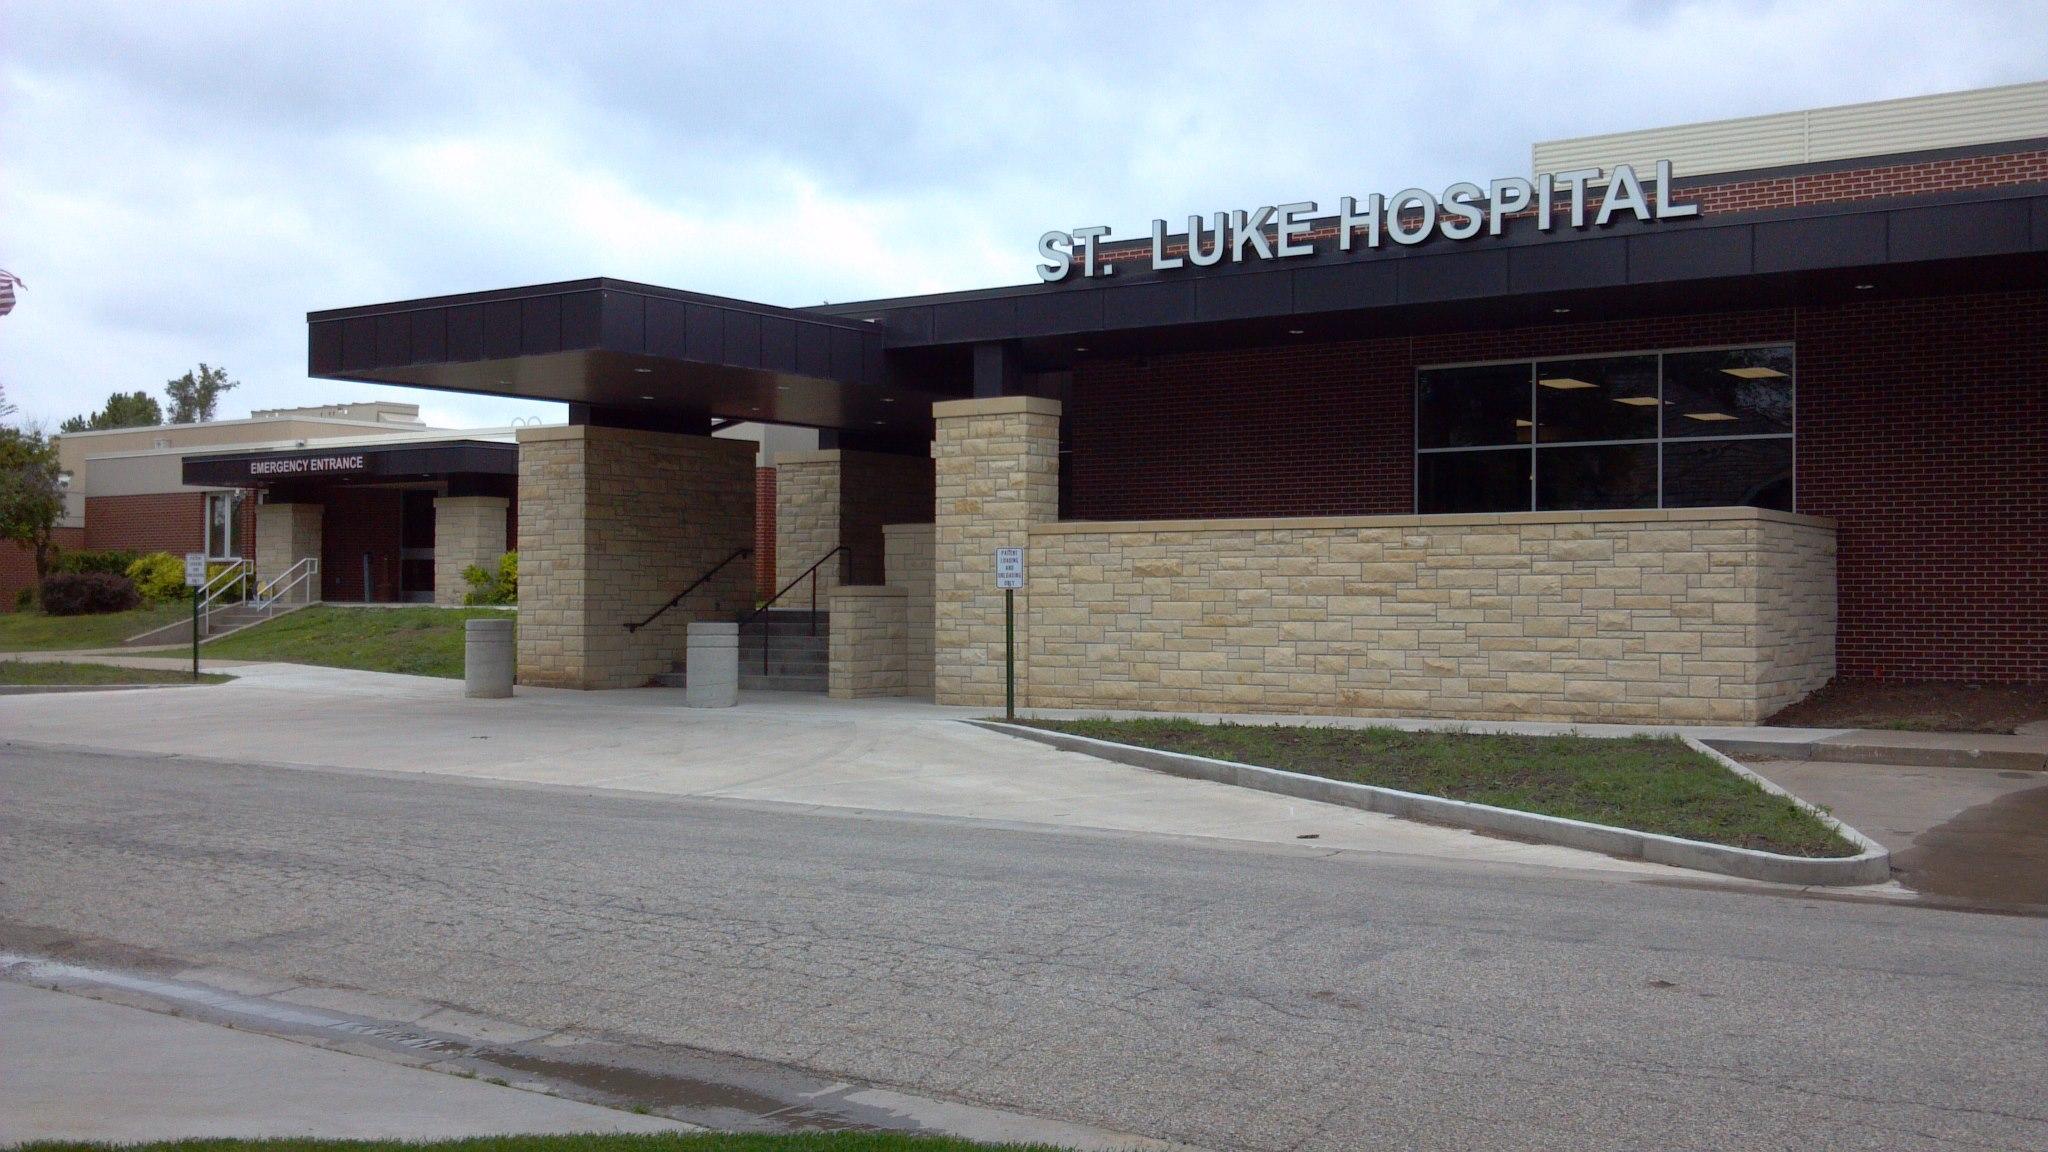 St. Luke Hospital